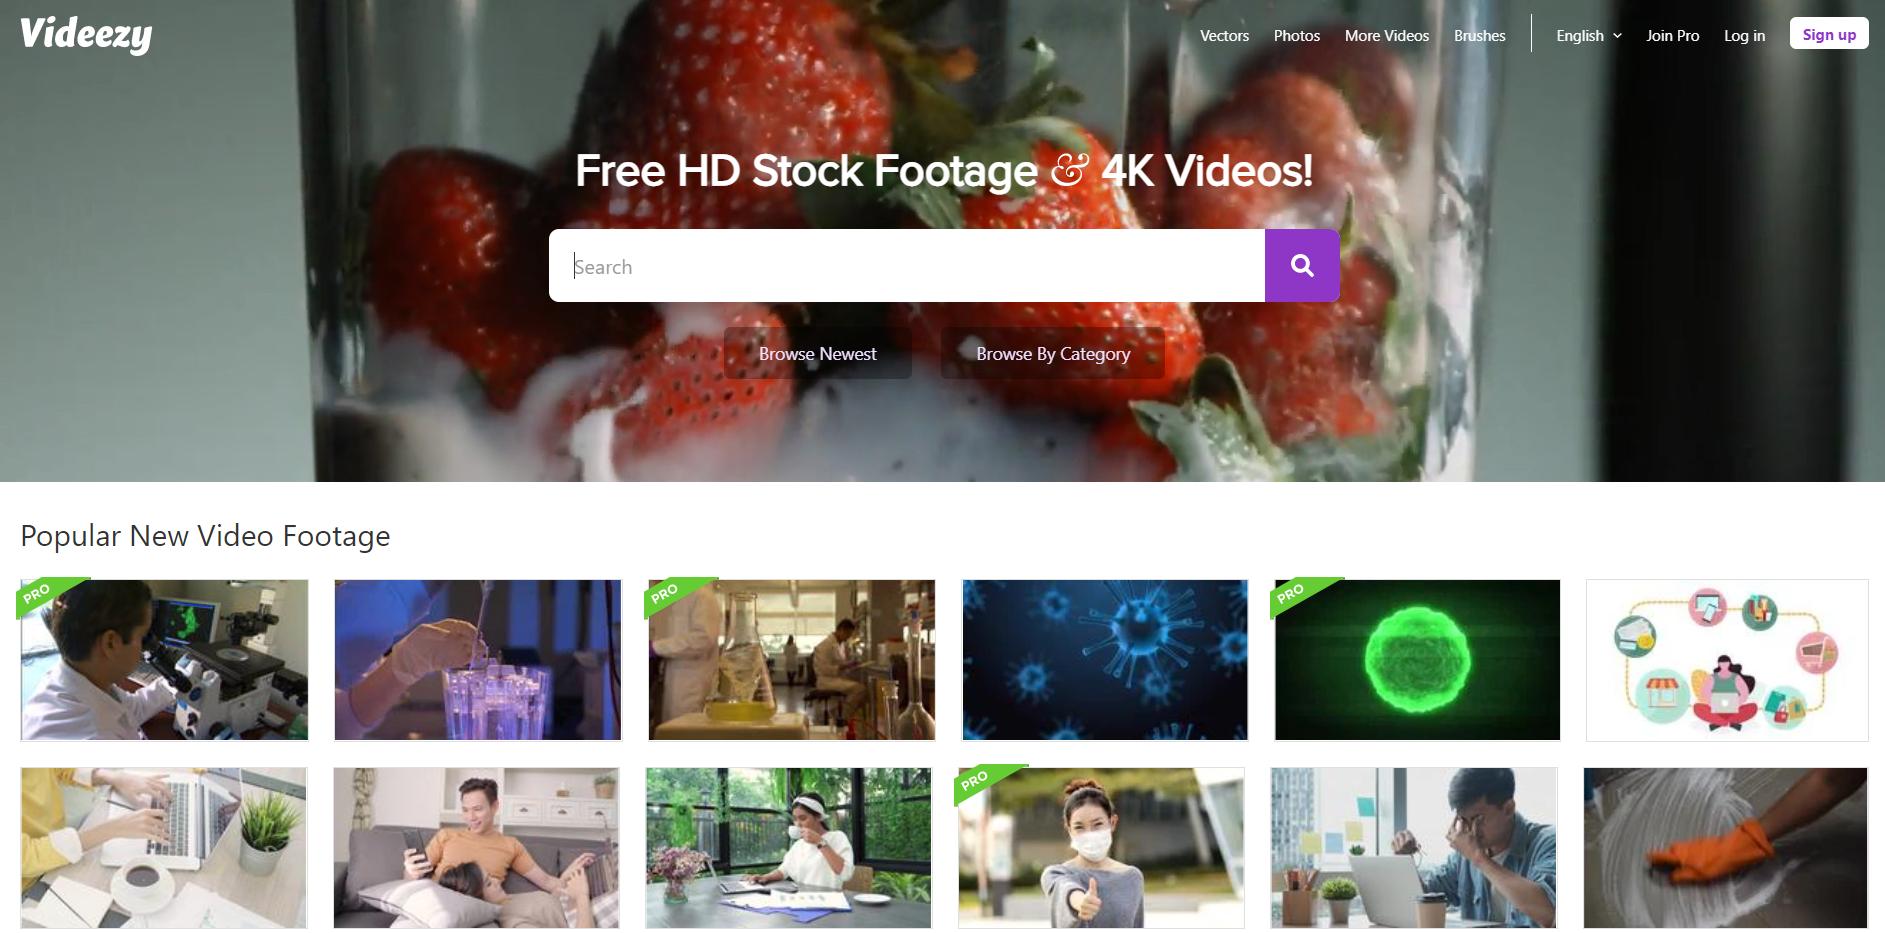 Stock video platform Videezy